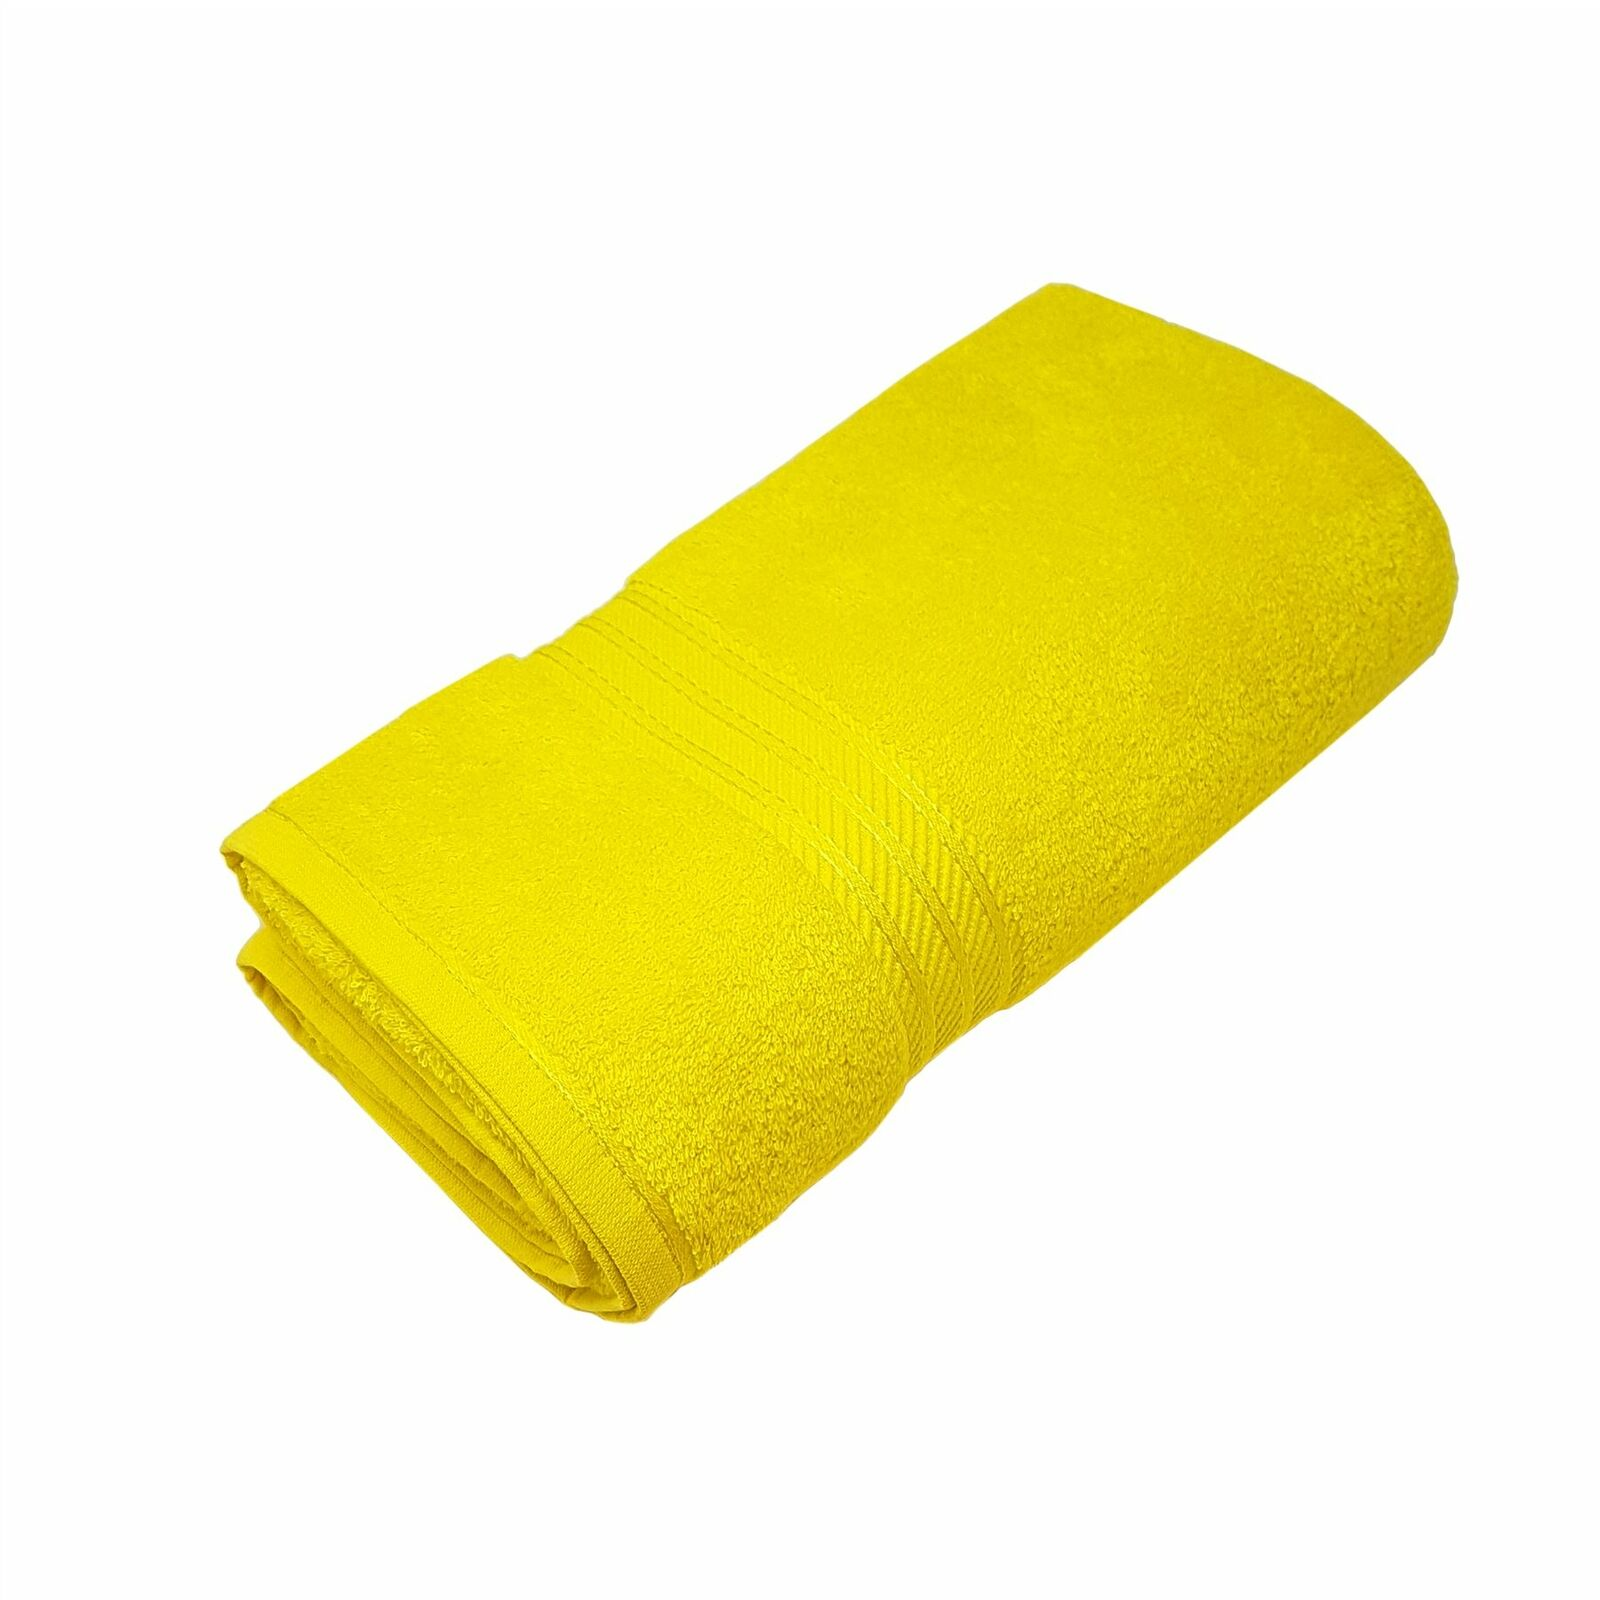 20 X Luxus Gestreift 100% Ägyptische Baumwolle Weich Absorbierend Gelb Badelaken